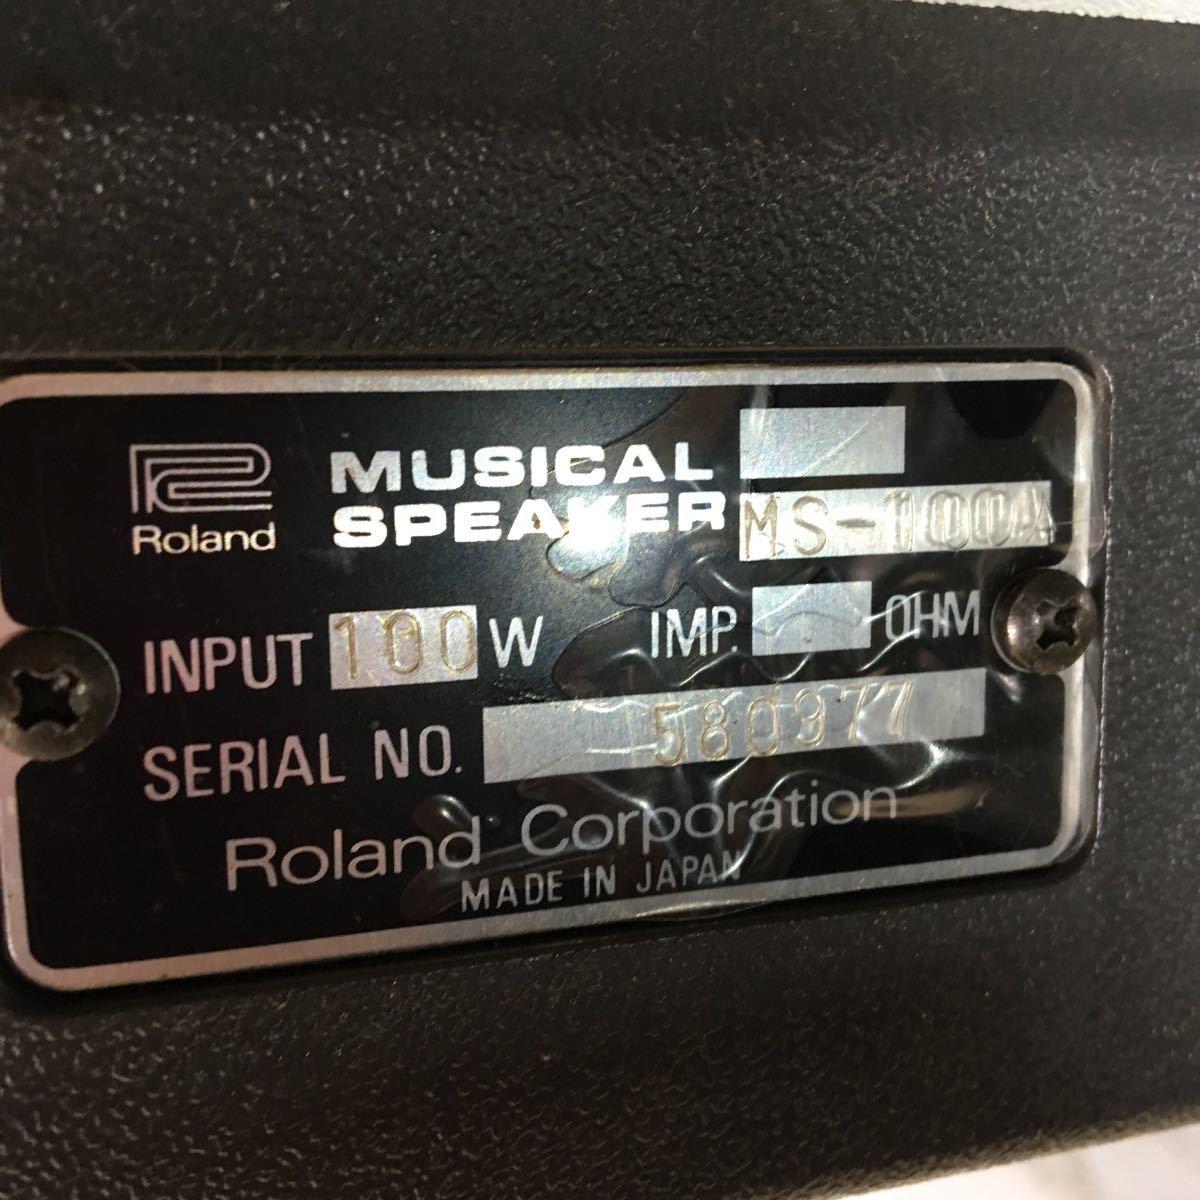 BOSS/ボス Roland 100W小型モニタースピーカー ms-100A ペアセット マイク付き 現状品_画像4